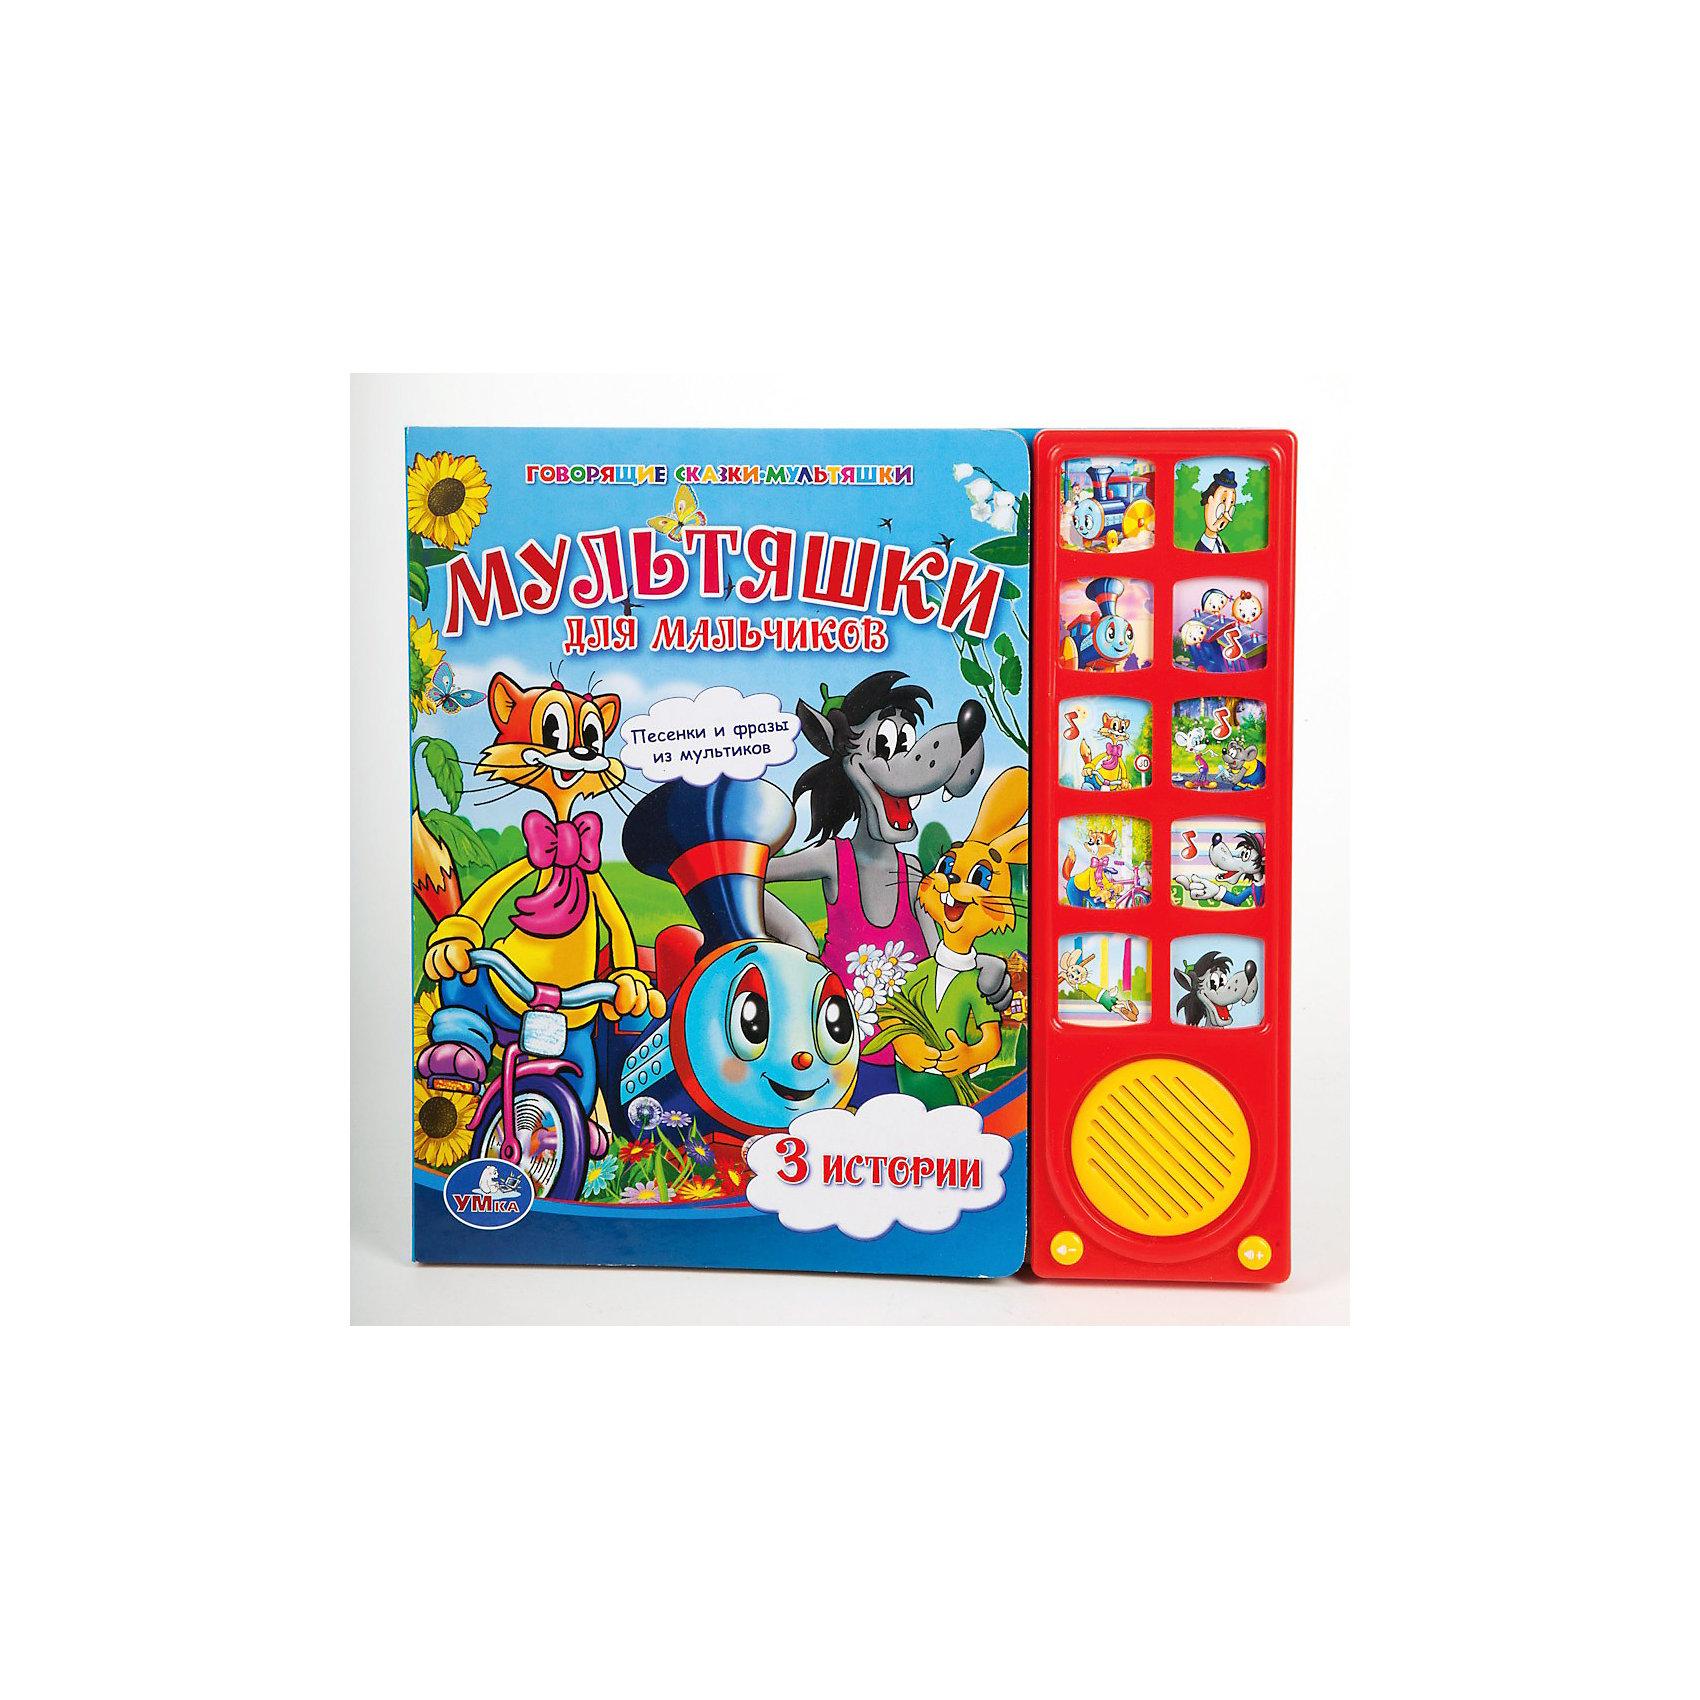 Книга с 10 кнопками Мультяшки для мальчиковКнига Мультяшки для мальчиков, Умка. <br>Музыкальная книга 5 фраз и 5 песен.<br><br>Дополнительная информация:<br><br>Серия: СКАЗКИ-МУЛЬТЯШКИ.<br>Коллектив авторов.<br>Формат: 242х230 мм.<br>Переплет: картонный.  <br>Объем: 10 стр.<br>Батарейки: 2 шт. АА <br><br>Станет прекрасным подарком Вашему малышу!<br><br>Ширина мм: 240<br>Глубина мм: 20<br>Высота мм: 230<br>Вес г: 311<br>Возраст от месяцев: 12<br>Возраст до месяцев: 84<br>Пол: Унисекс<br>Возраст: Детский<br>SKU: 3315451